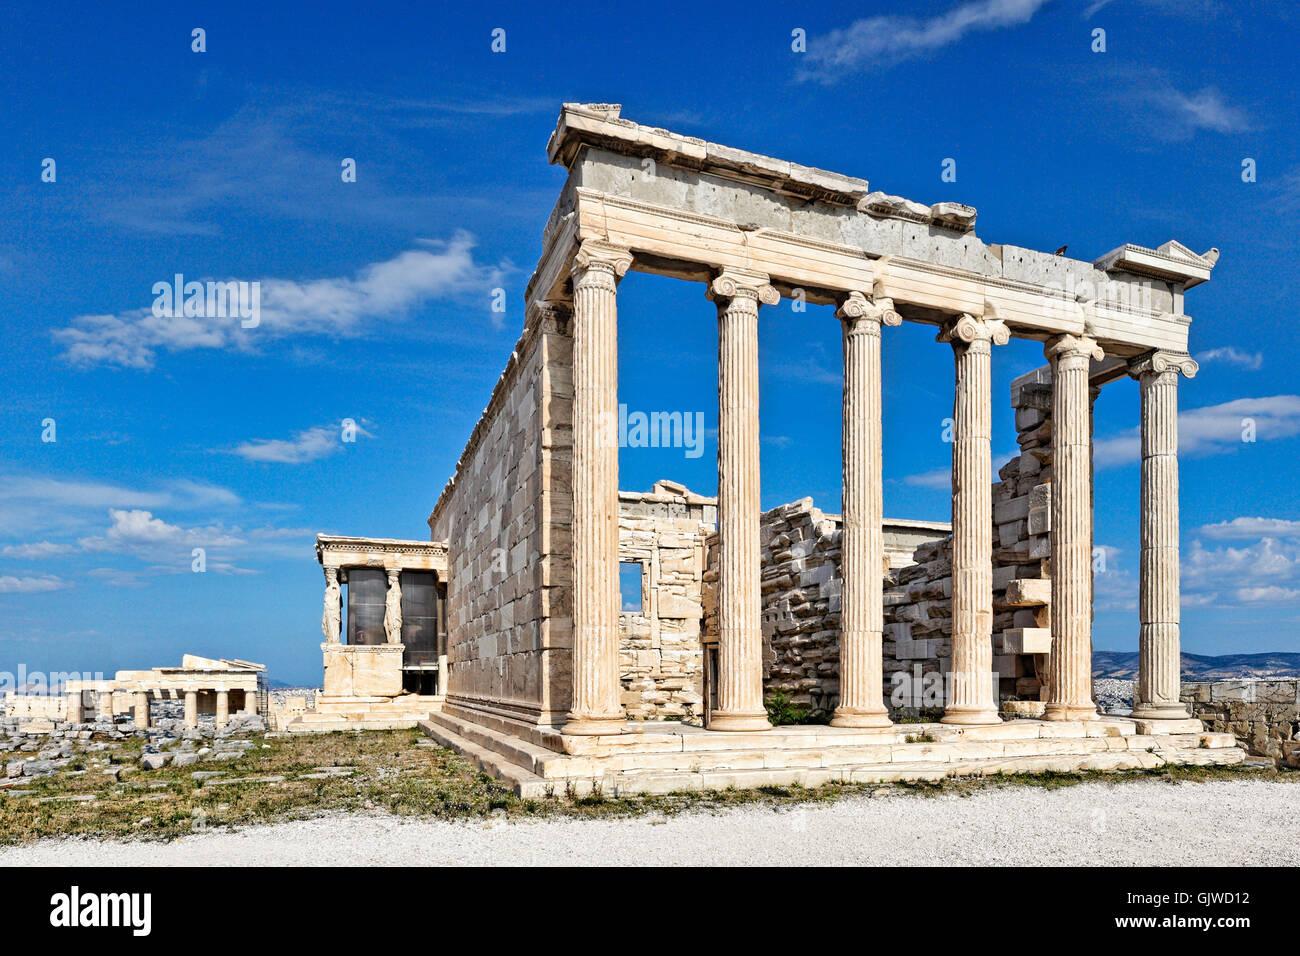 The Erechtheion (421 B.C.) on the Athenian Acropolis, Greece - Stock Image